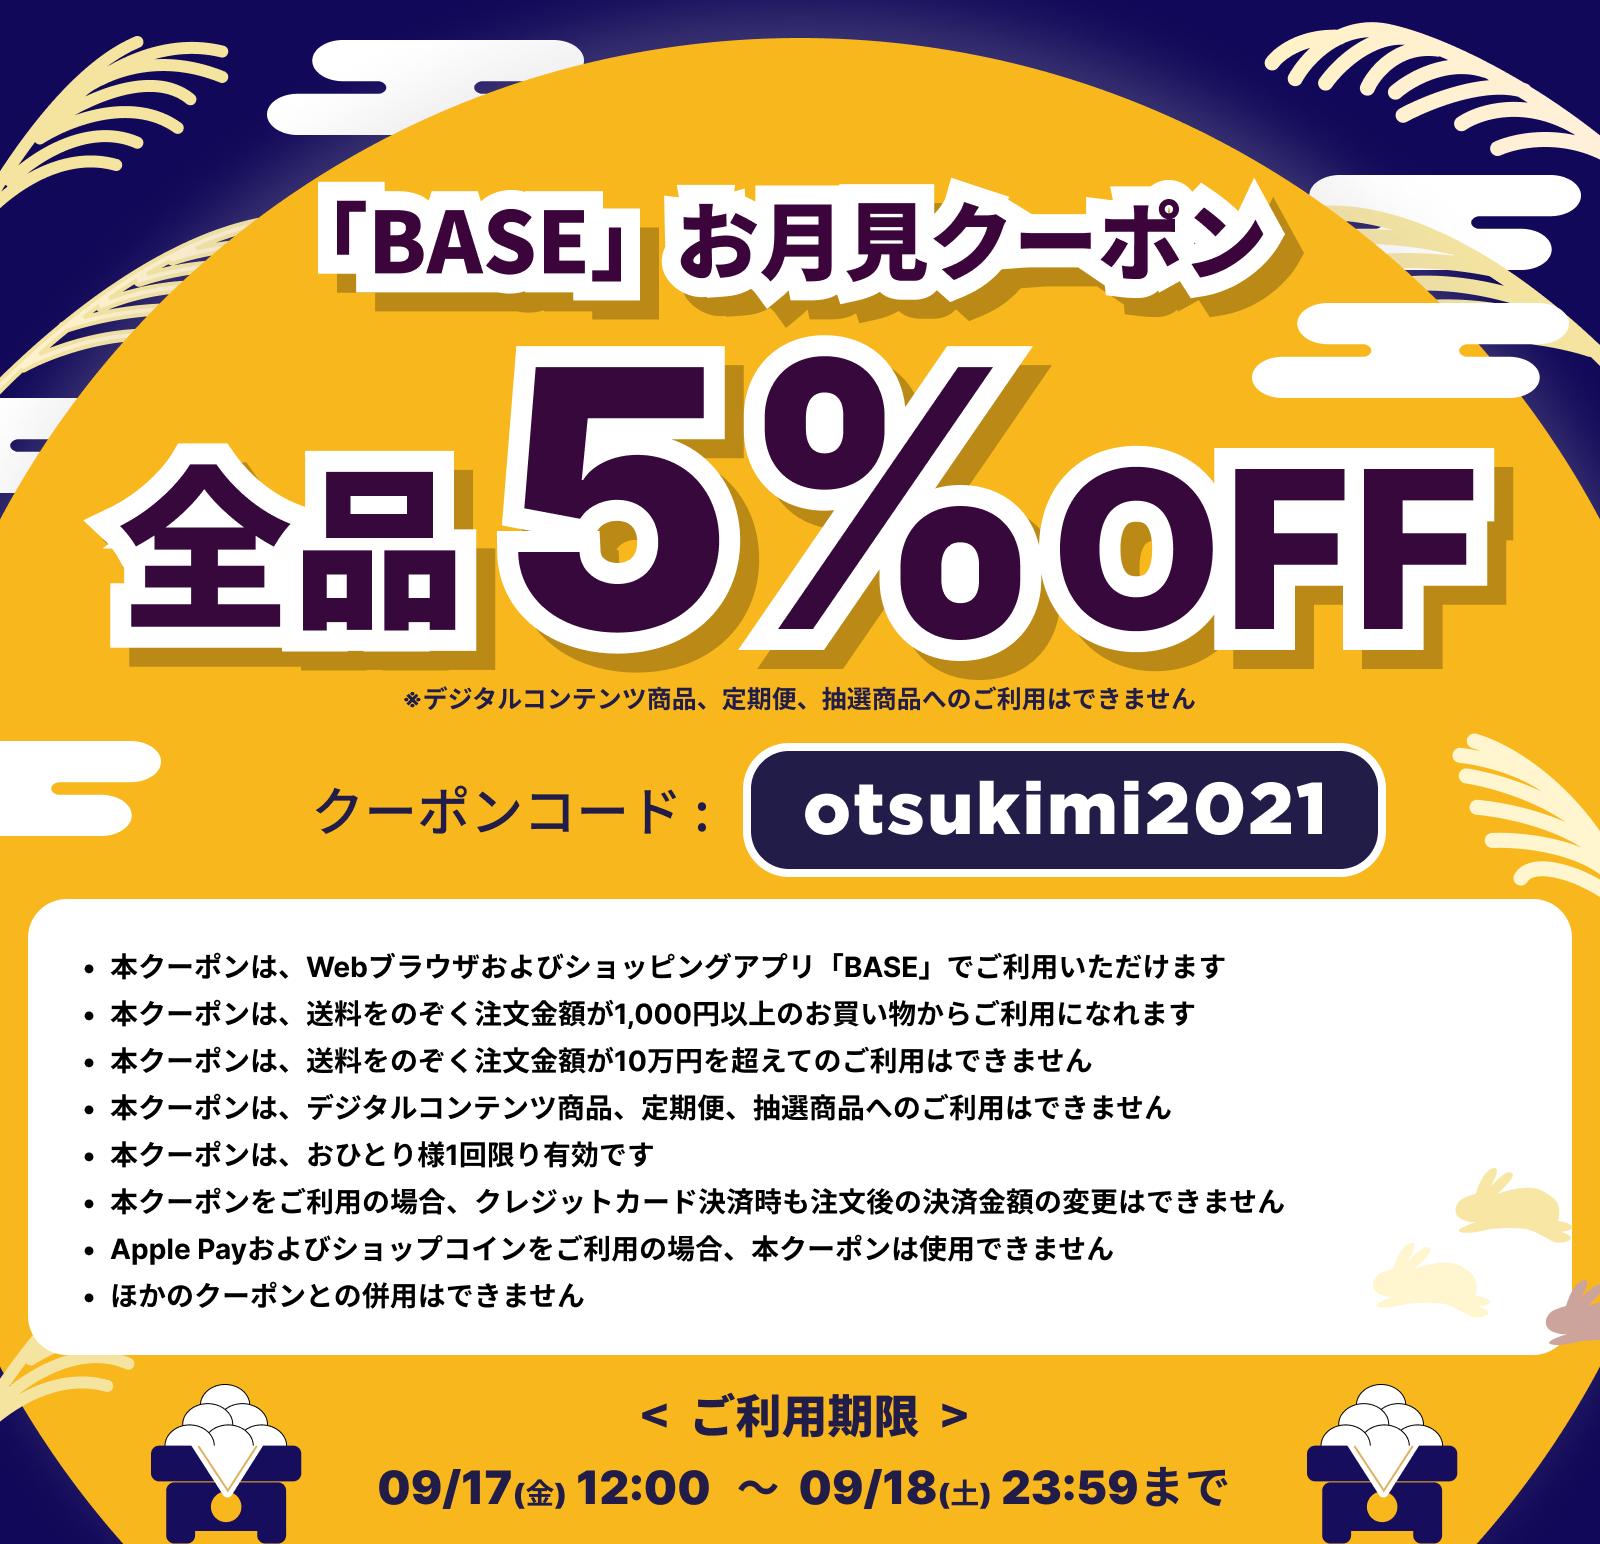 【期間限定5%OFFクーポン配布中】9月17日(金)〜9月18日(土)